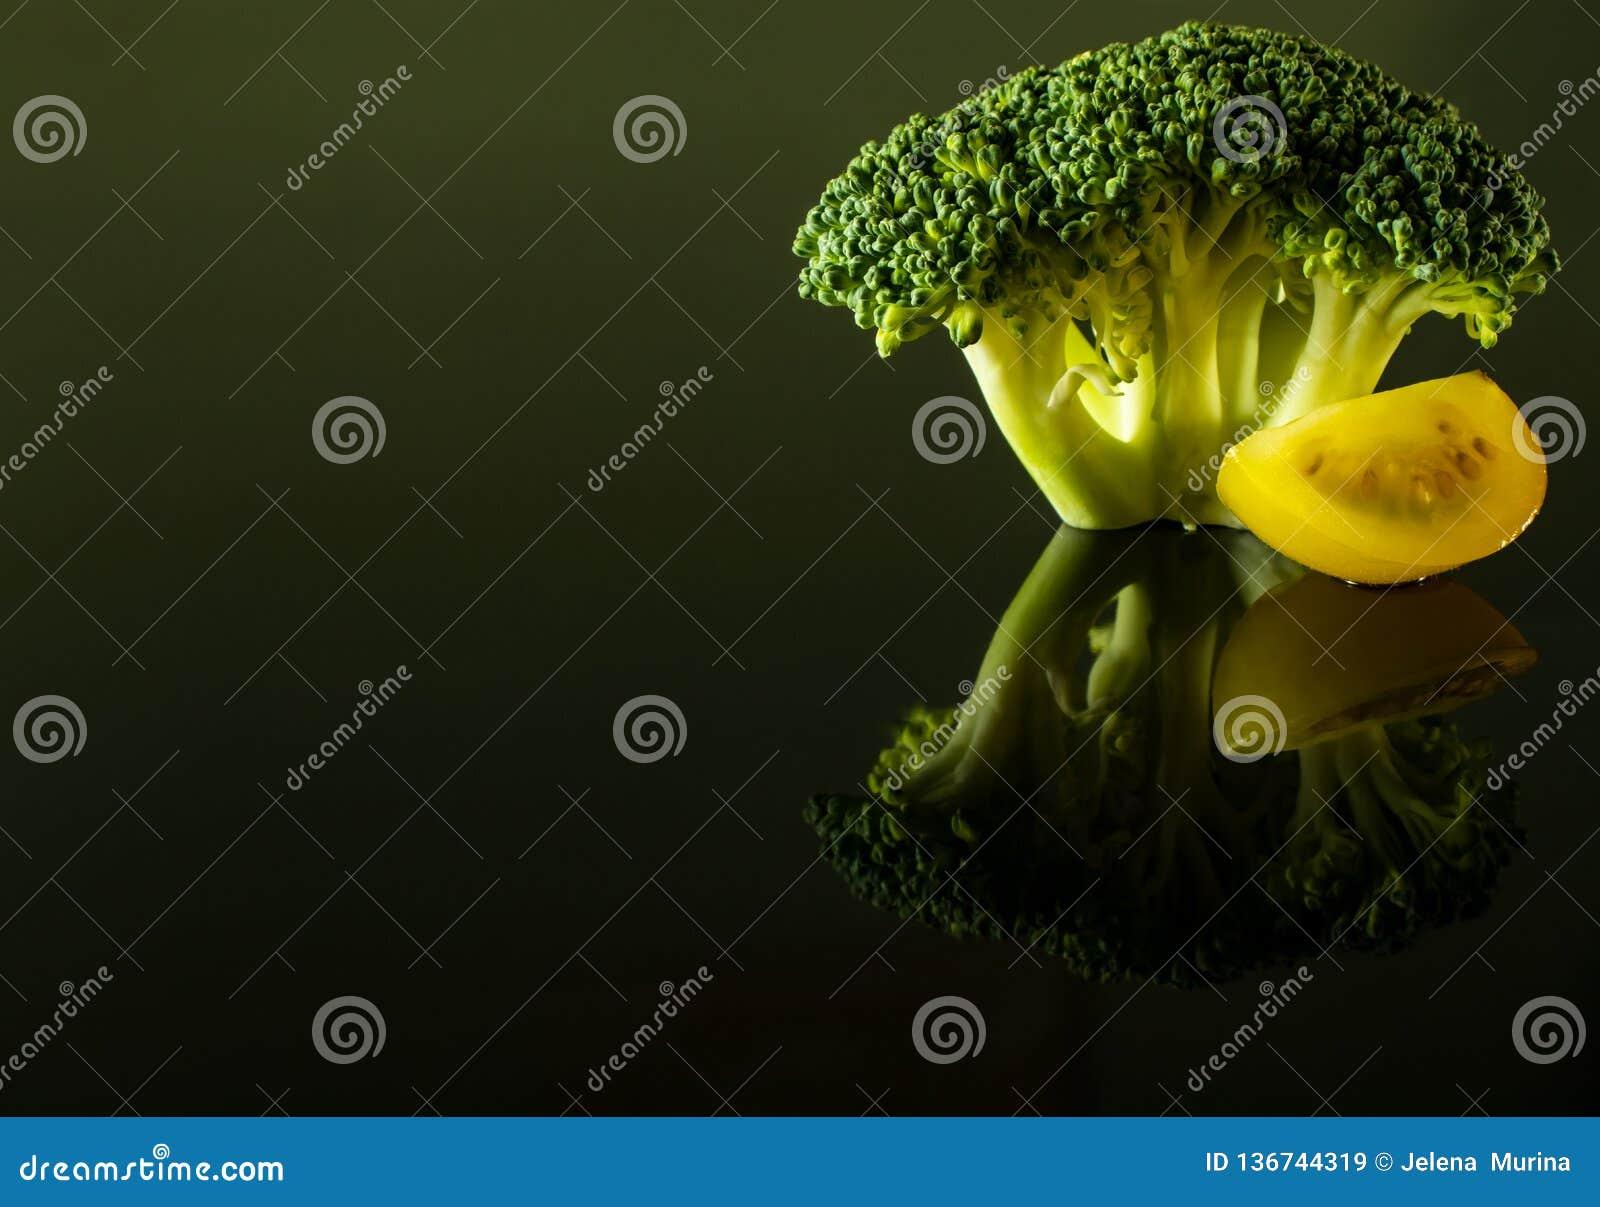 Sprig brokuły z plasterkiem żółty czereśniowy pomidor